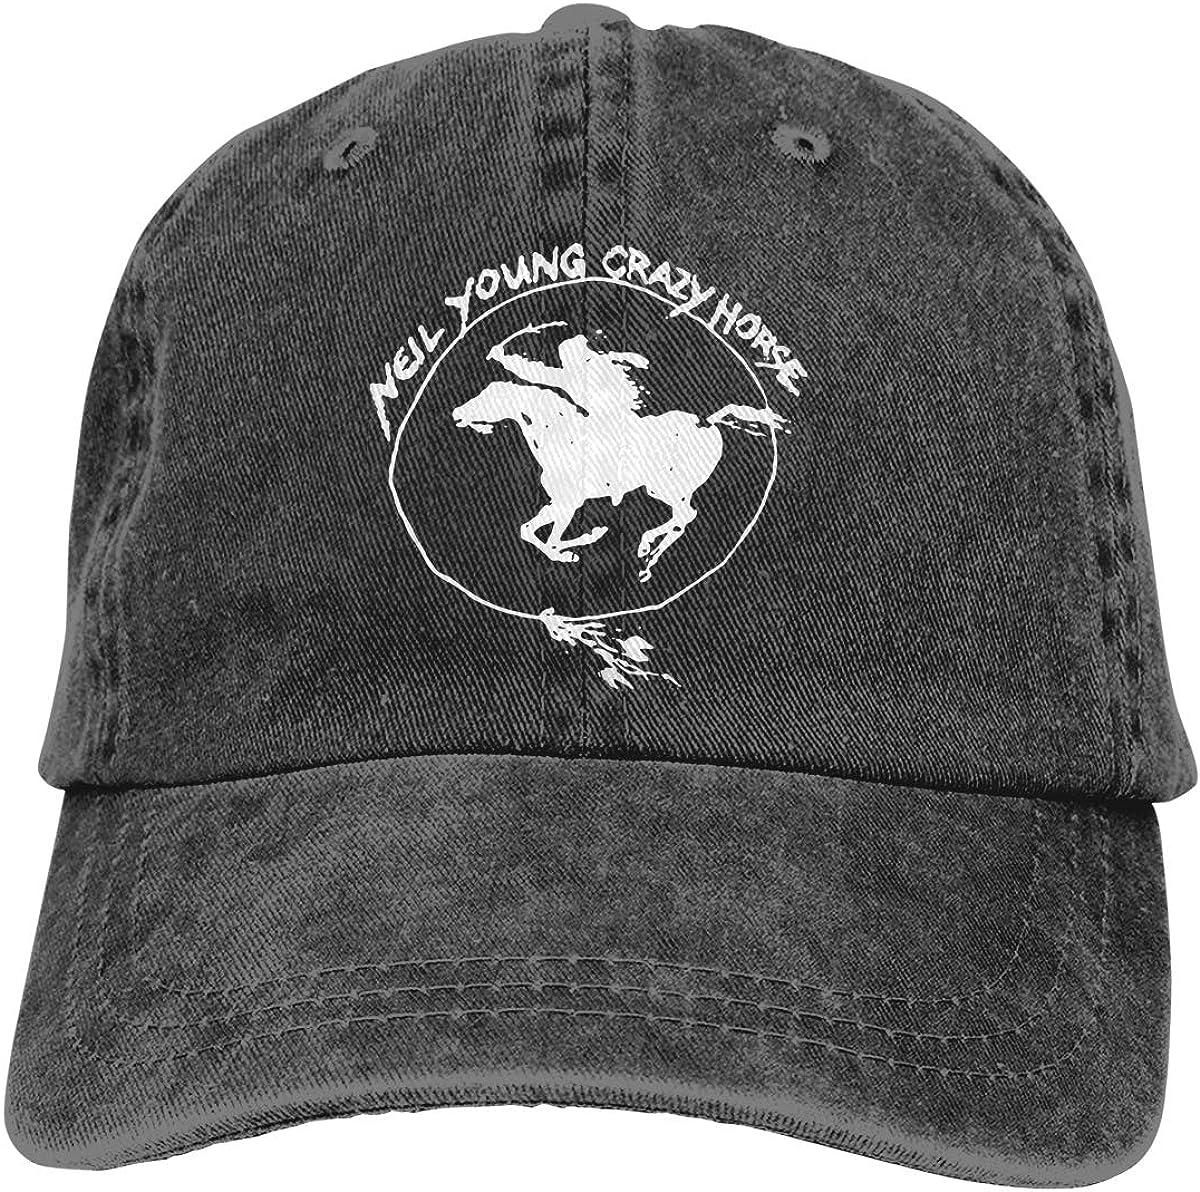 Neil Young Crazy Horse Printed Denim Hat Adjustable Vintage Baseball Hats Denim Casquette for Men Women Black